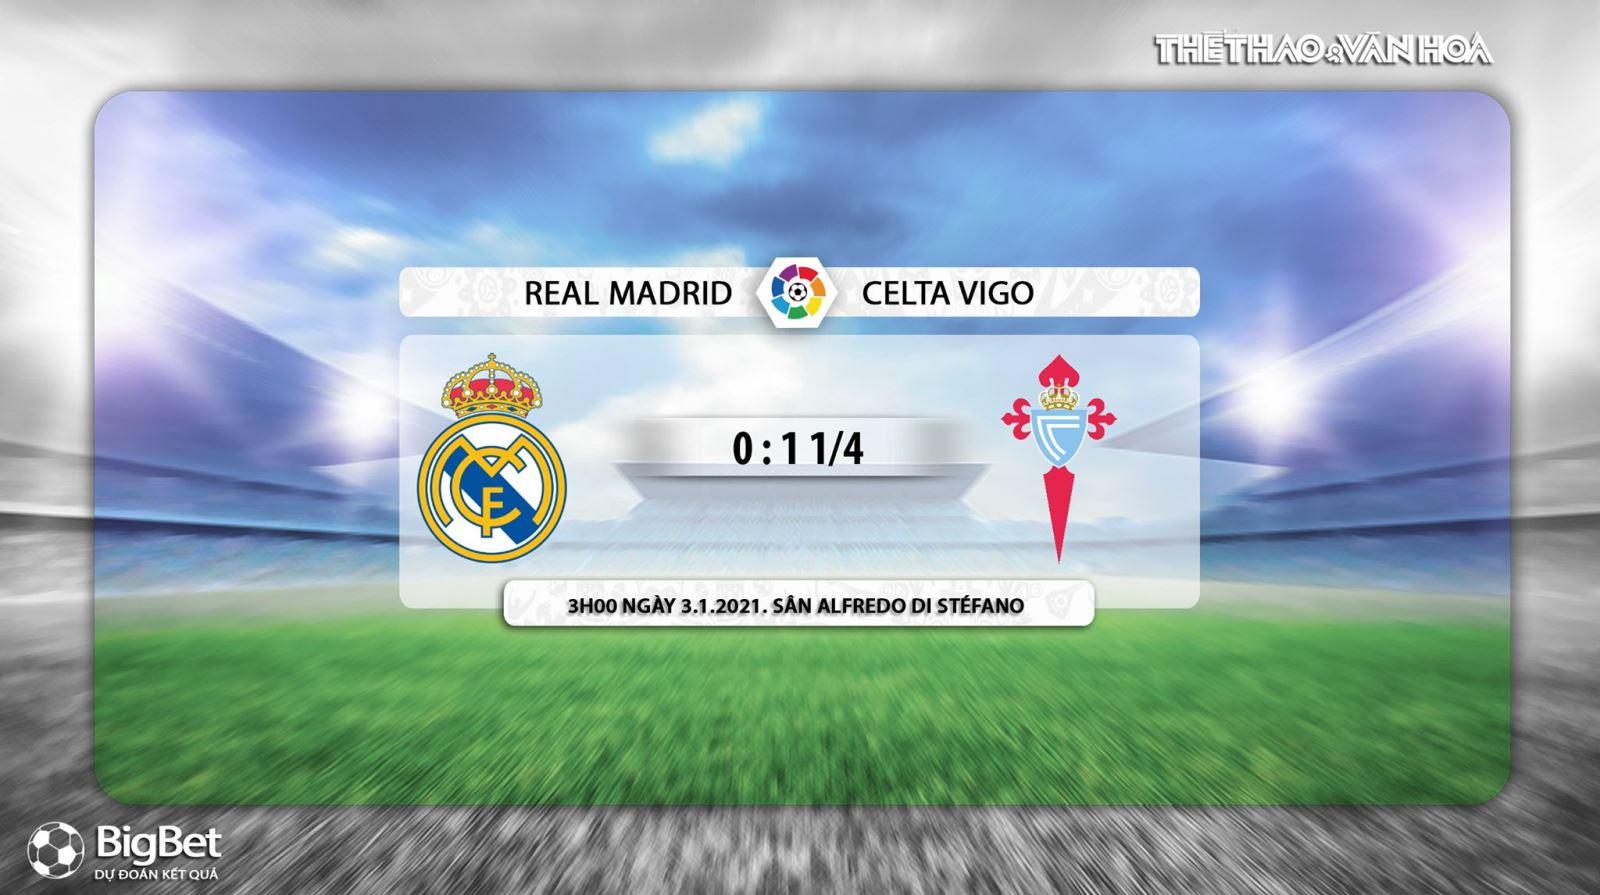 Keo nha cai, Kèo nhà cái, Real Madrid vs Celta Vigo, Trực tiếp bóng đá TBN hôm nay, BĐTV, soi kèo bóng đá Celta Vigo đấu với Real Madrid, trực tiếp bóng đá La Liga